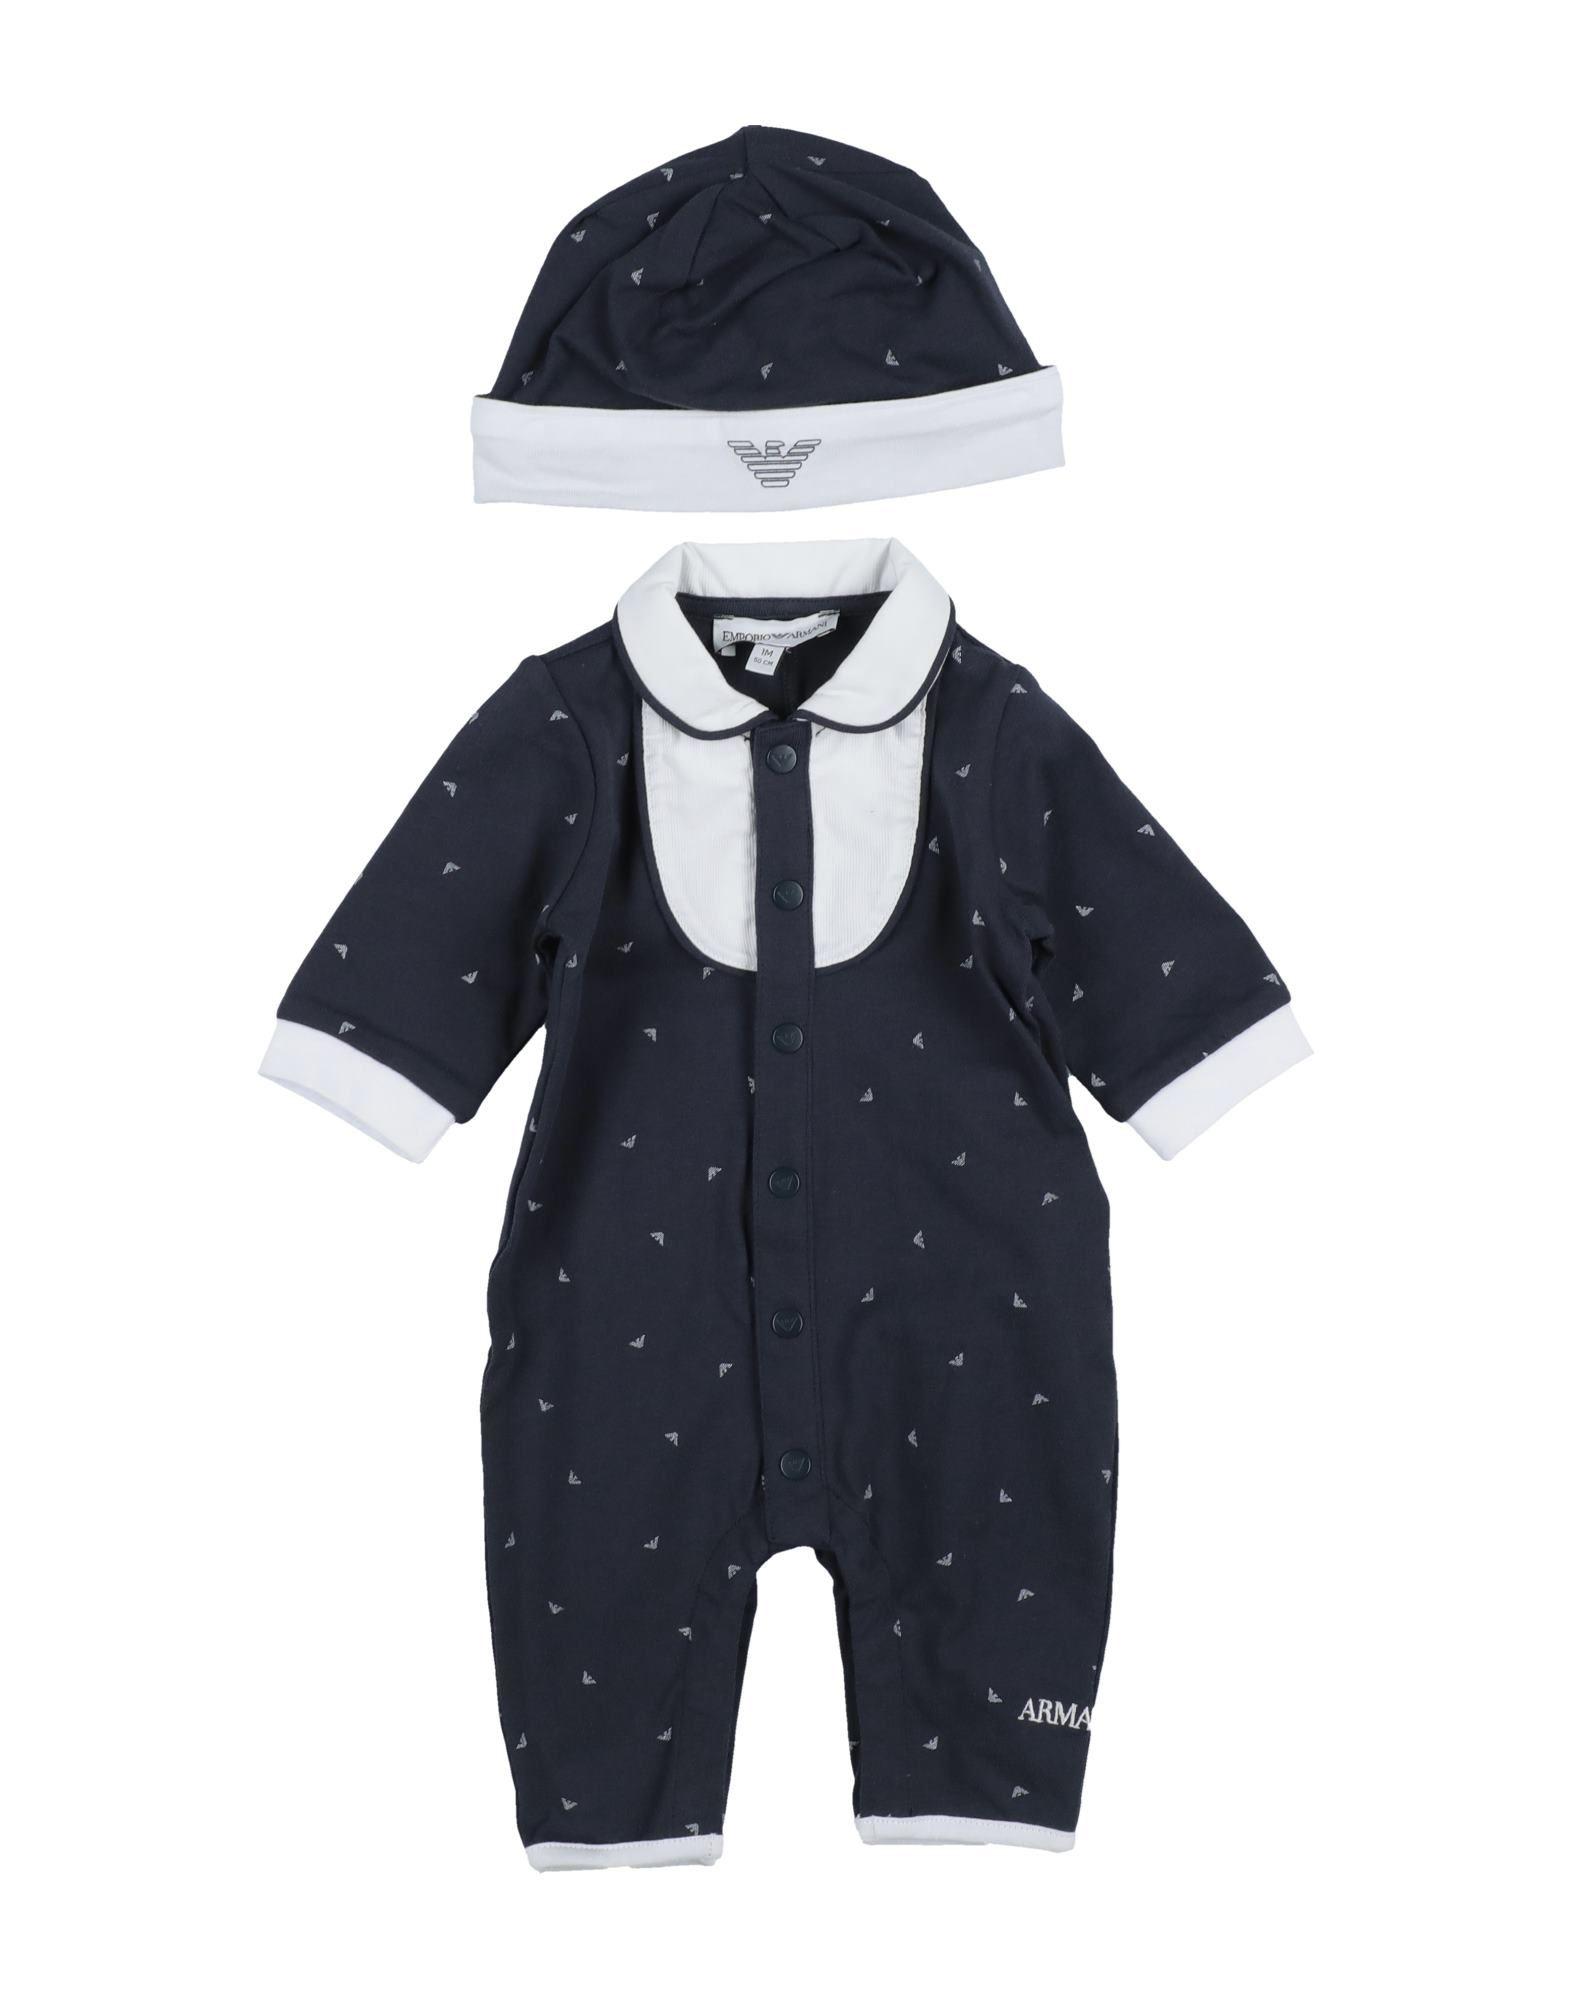 《セール開催中》EMPORIO ARMANI ボーイズ 0-24 ヶ月 乳幼児用ロンパース ダークブルー 9 コットン 100%